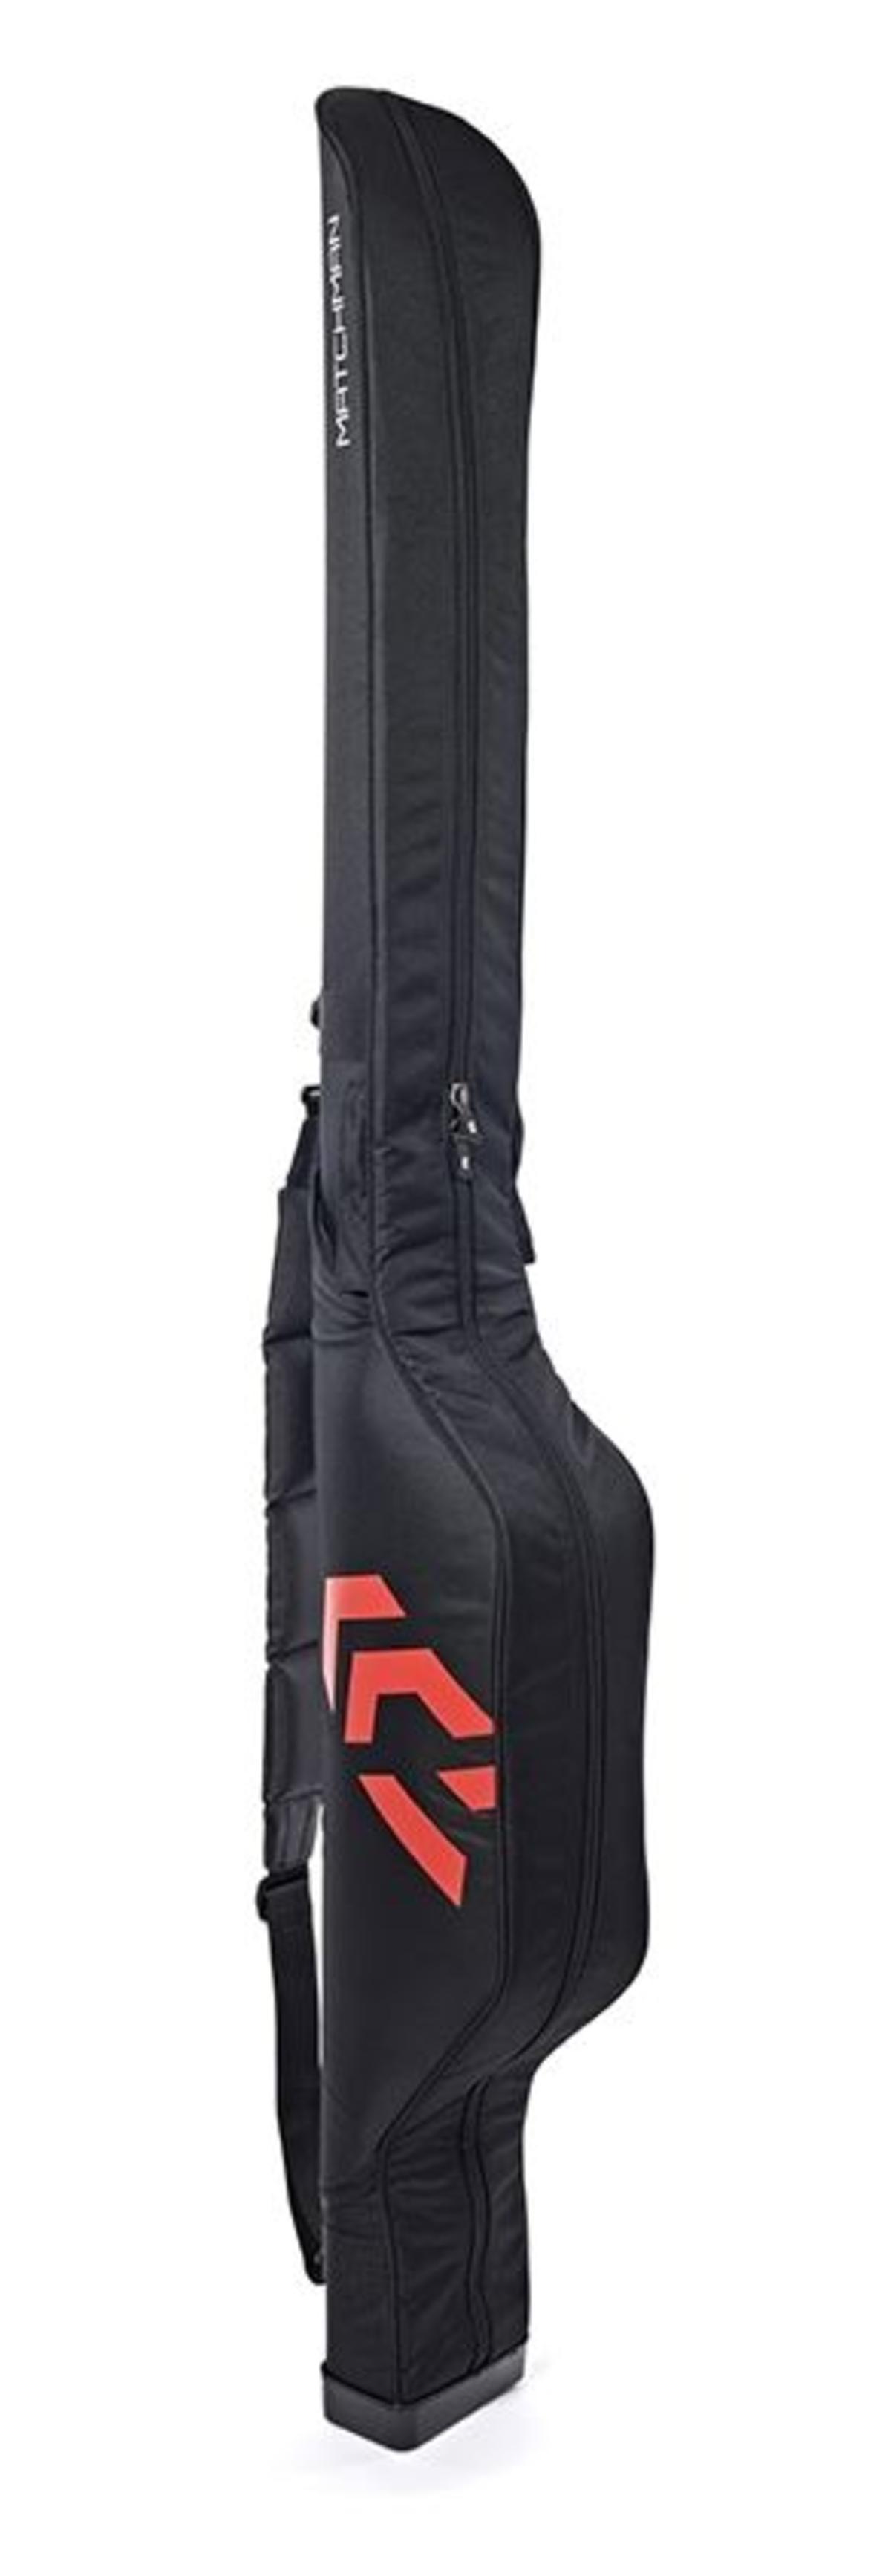 New Daiwa Matchman 2 Rod Holdall - DMM2RH1